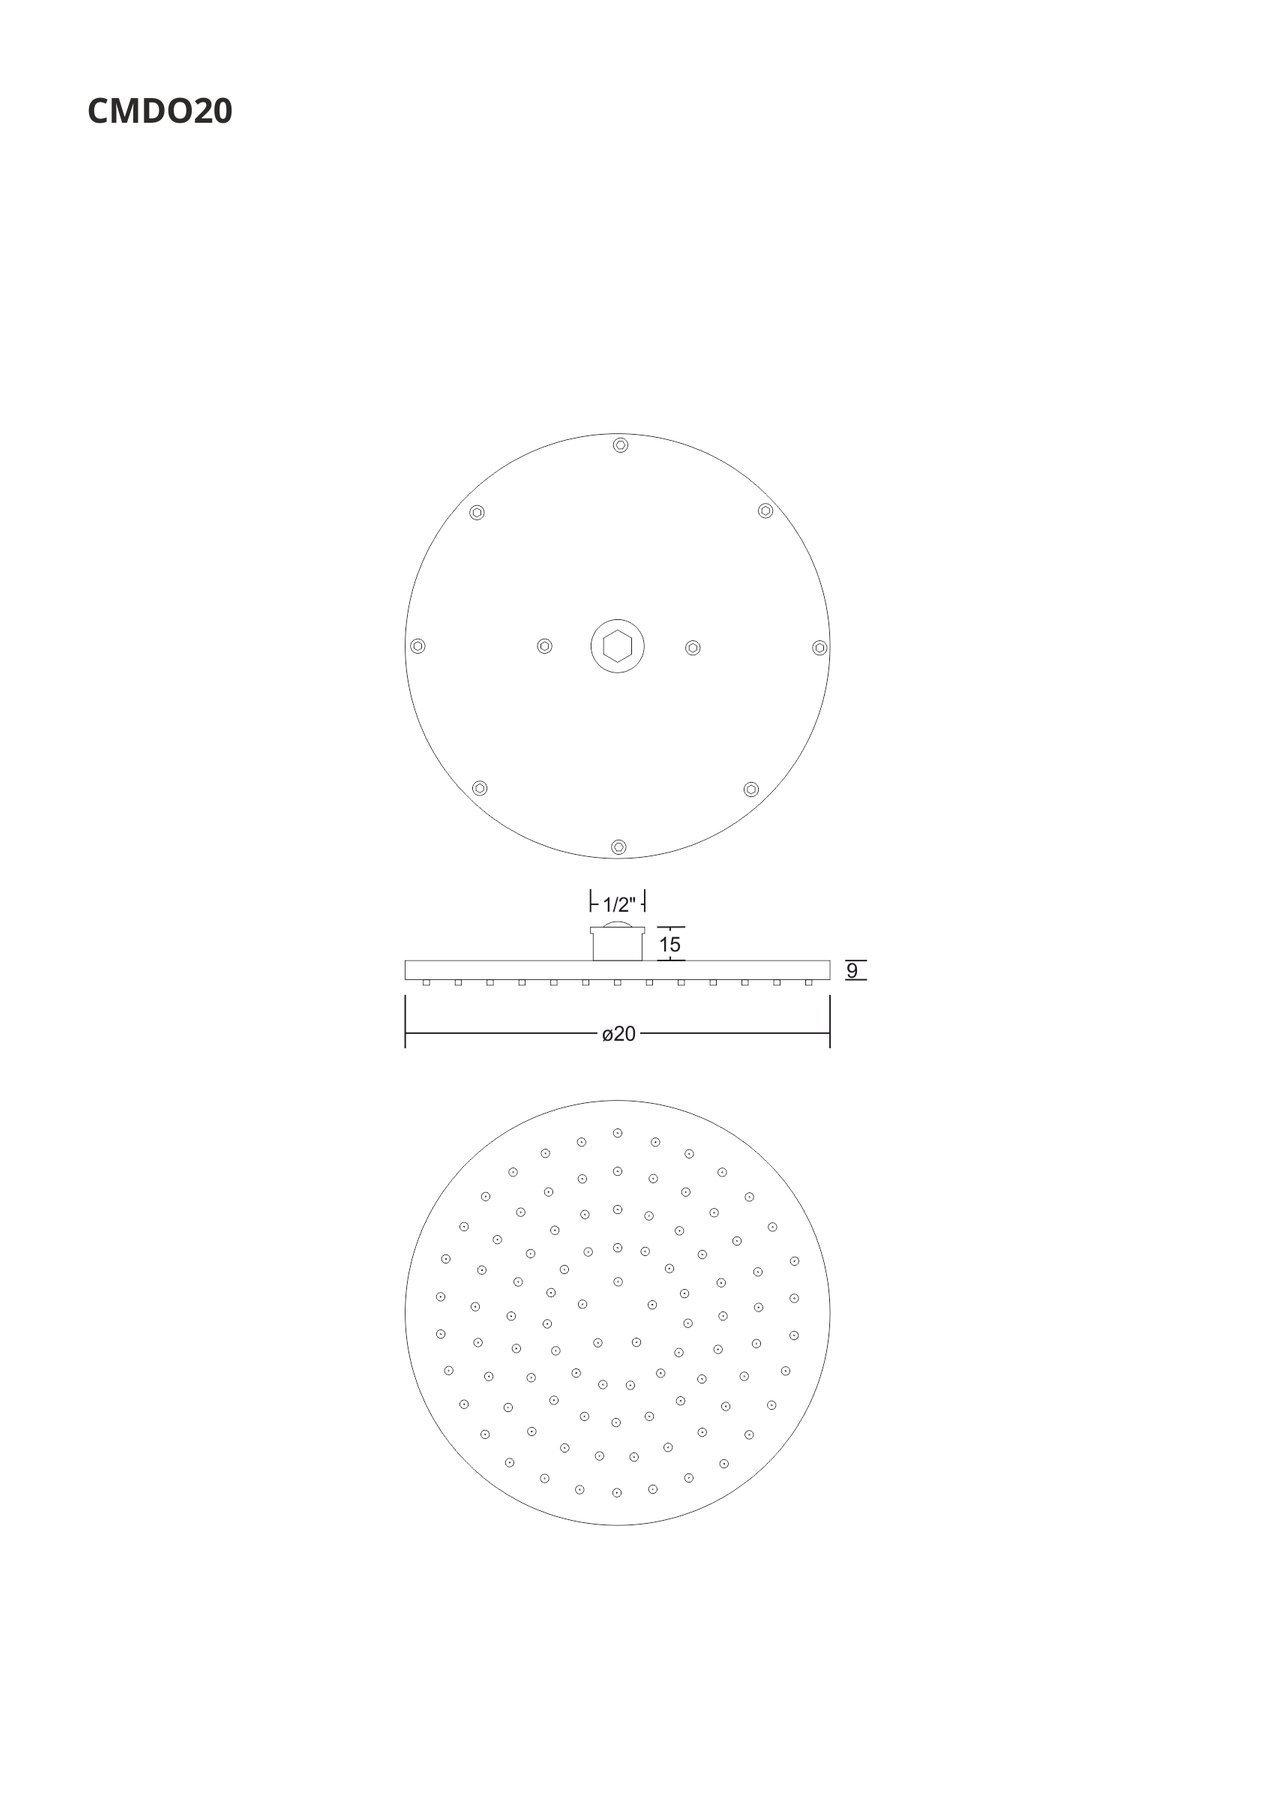 Okrúhla sprchová hlavica Corsan CMDO20 s priemerom 20 cm